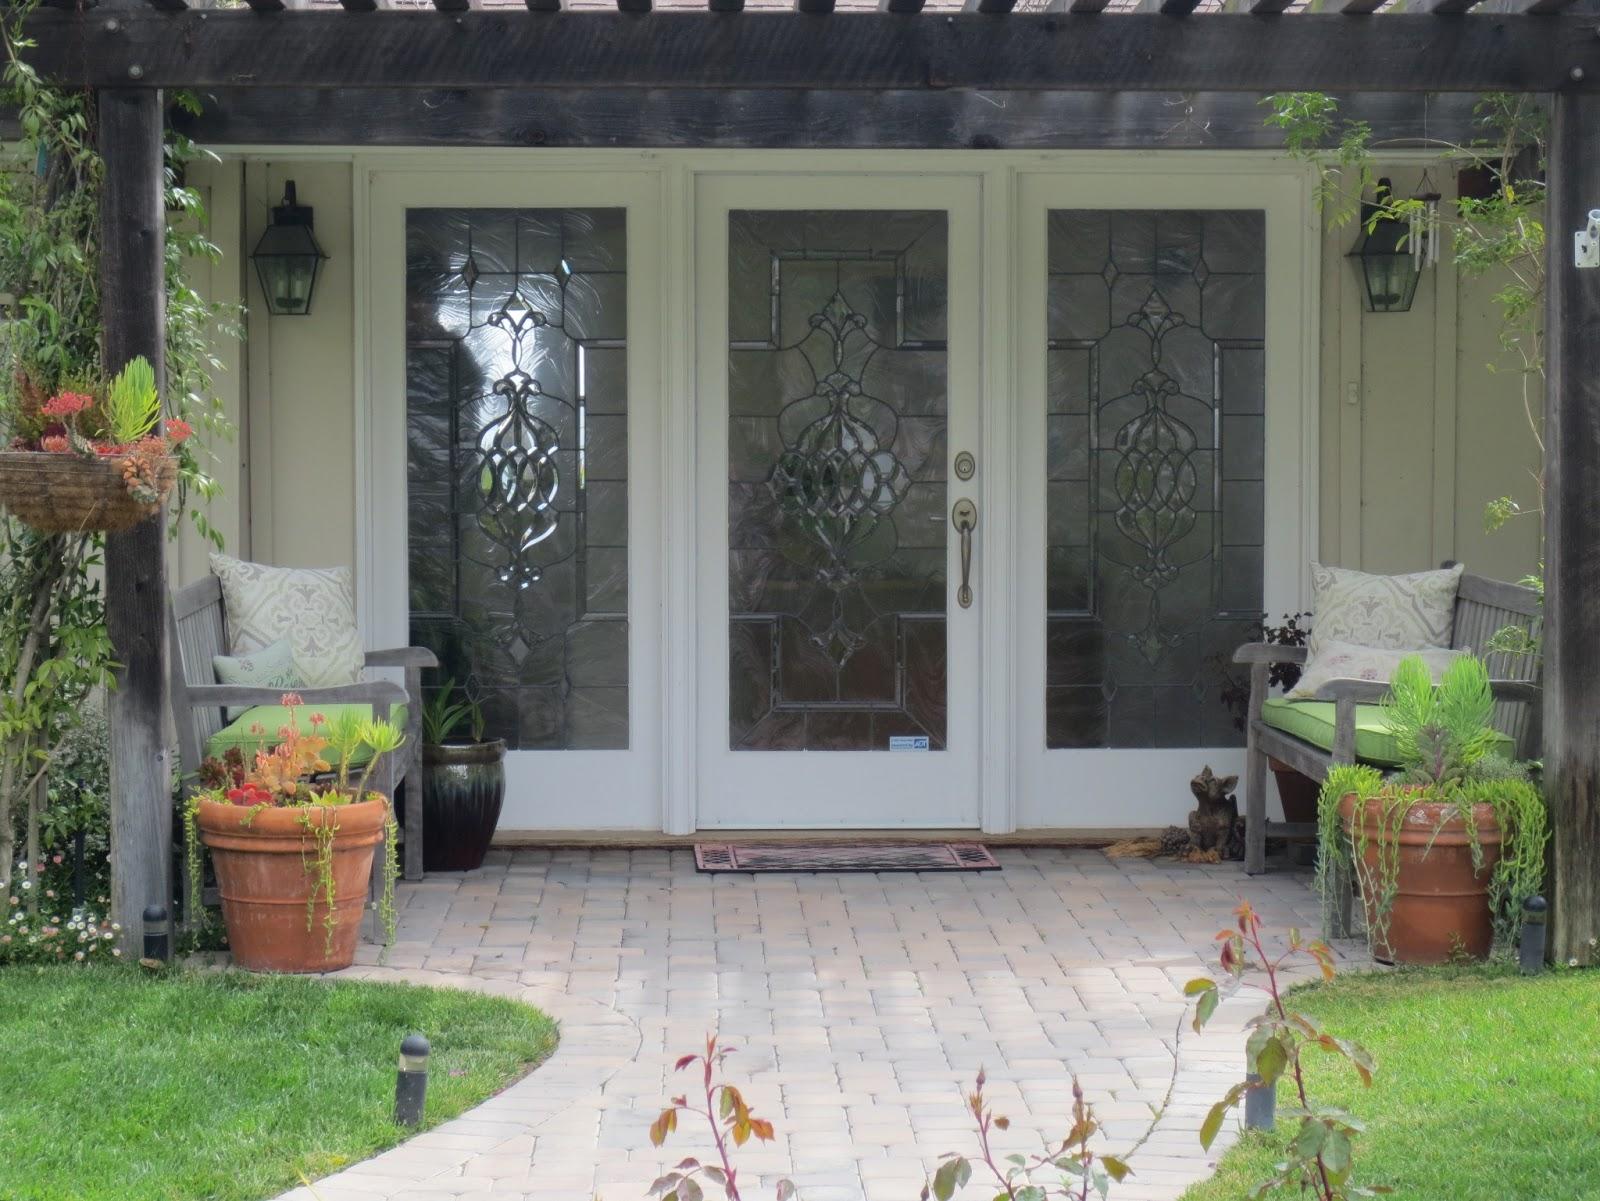 1201 #698546  : Mid Century Modern Front Doors For Sale Modern House Front Door picture/photo Mid Century Front Doors 44391600